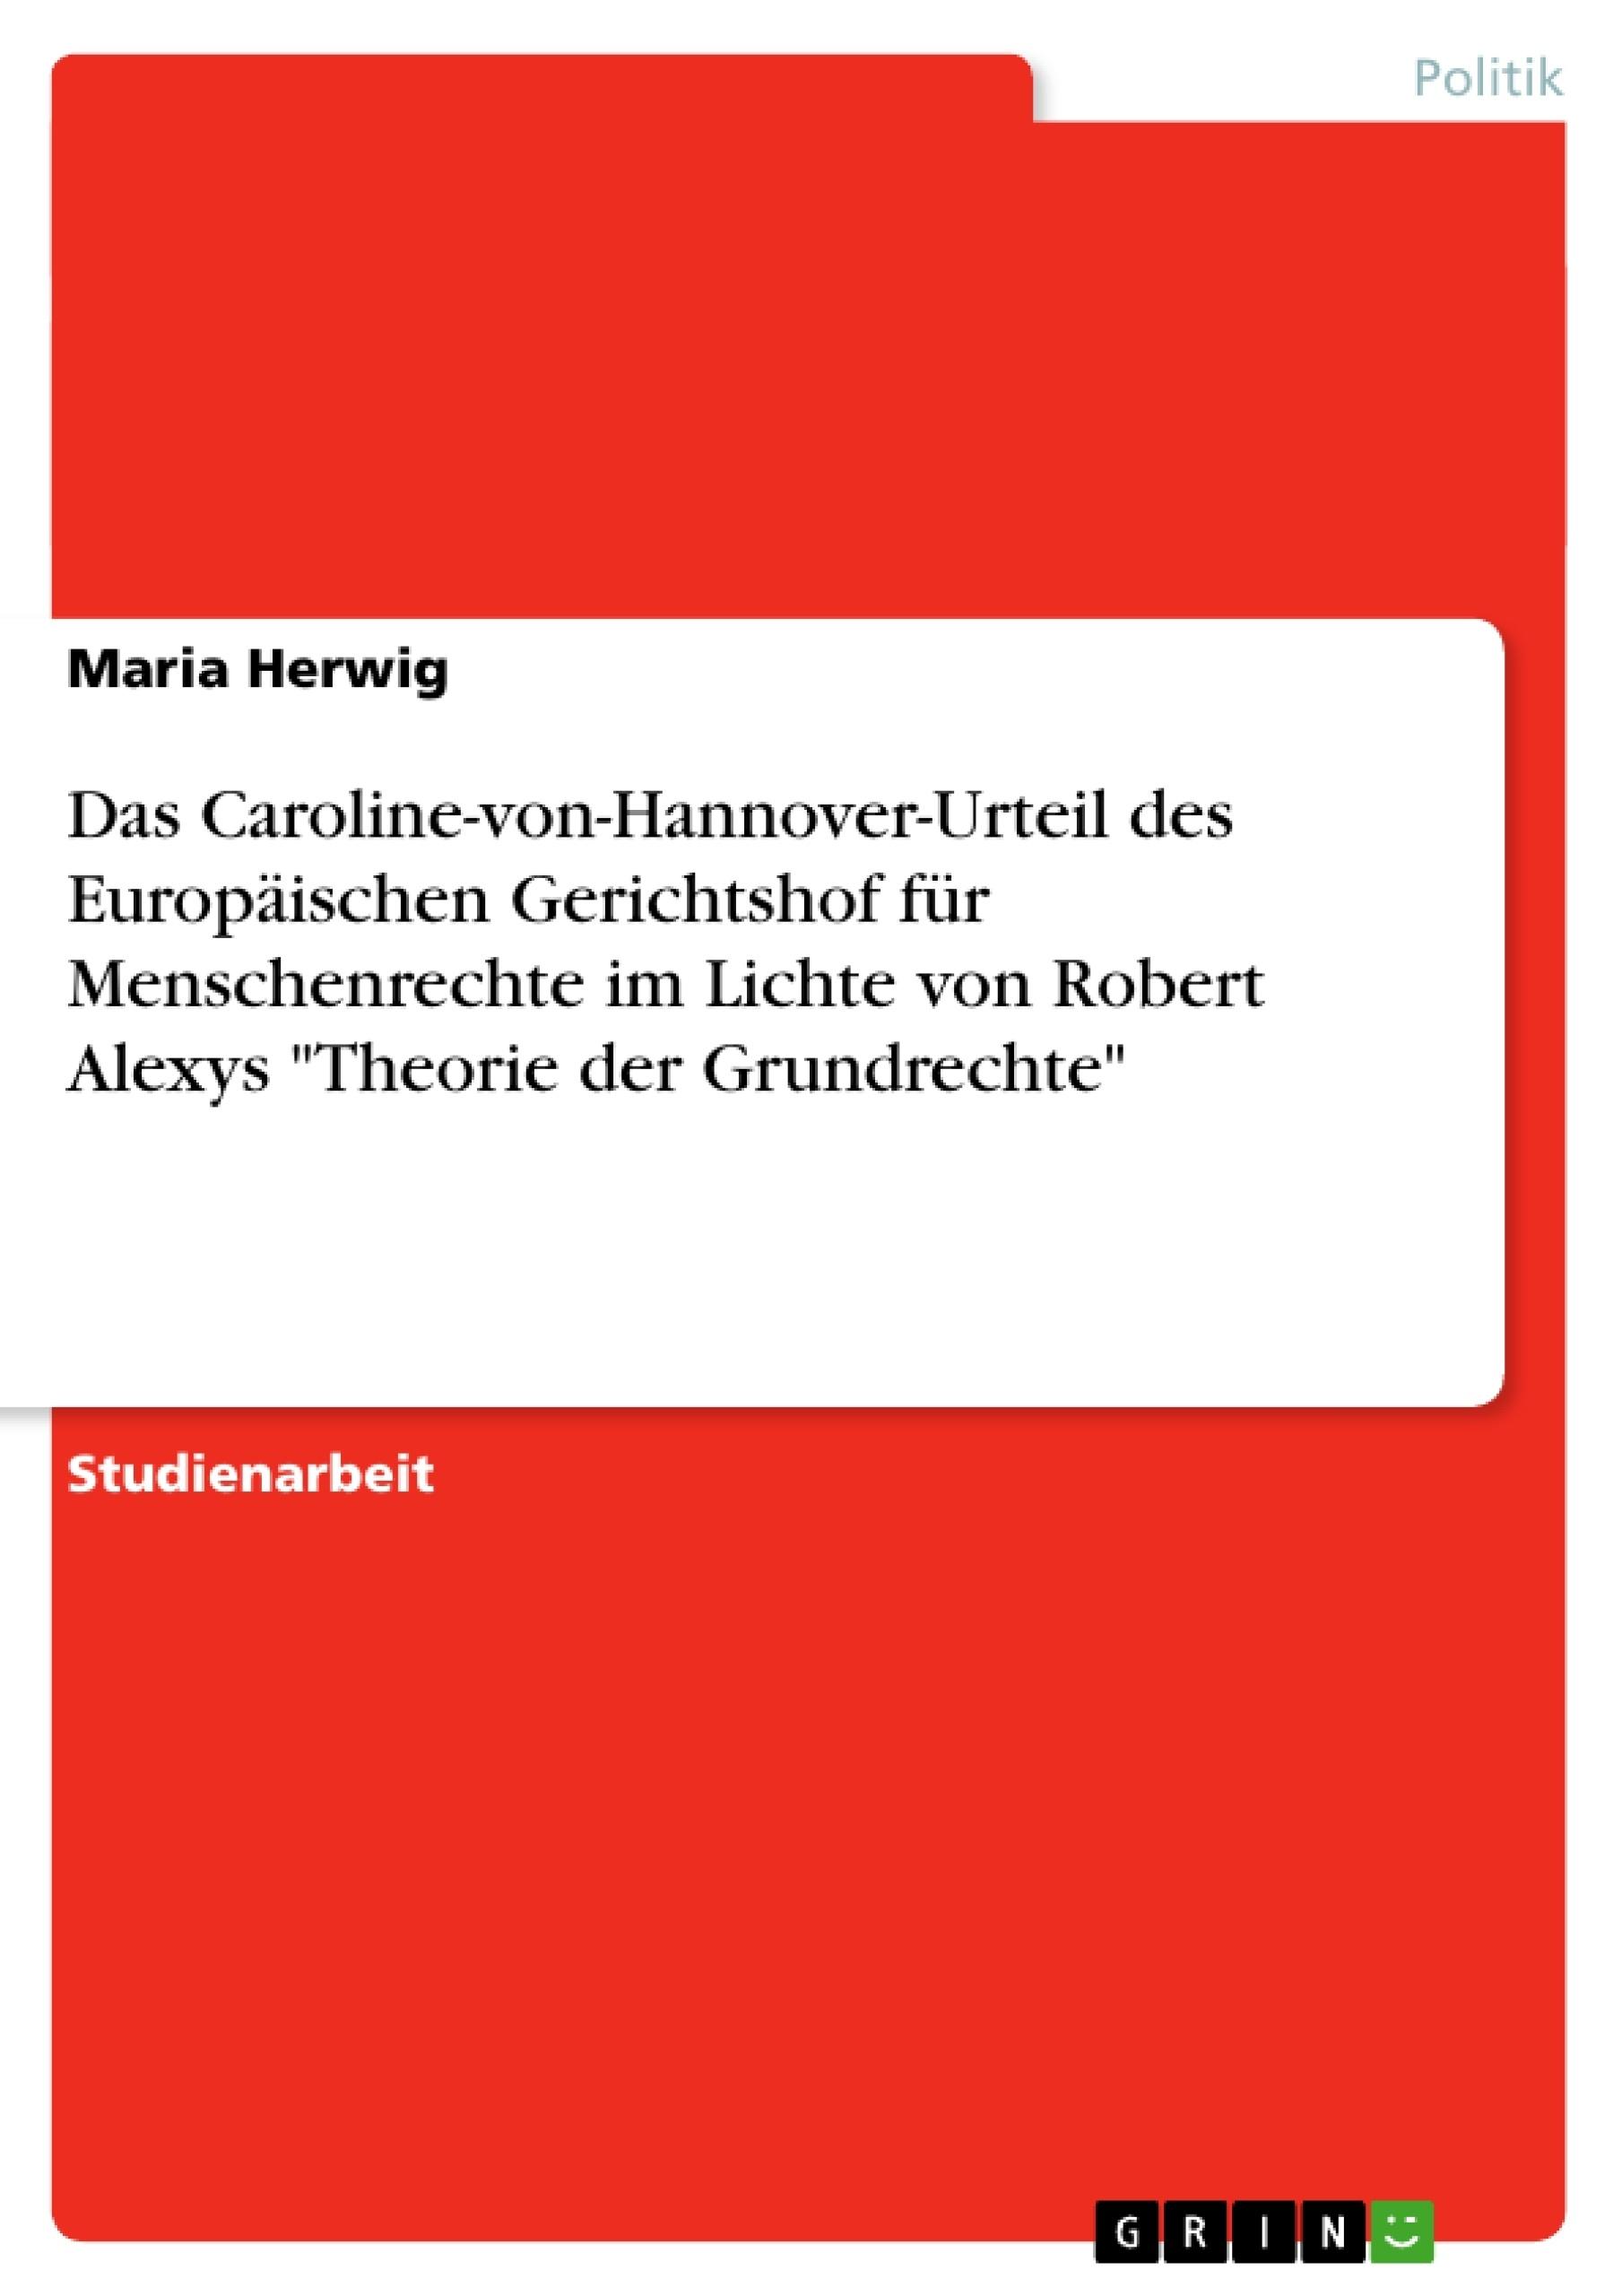 """Titel: Das Caroline-von-Hannover-Urteil des Europäischen Gerichtshof für Menschenrechte im Lichte von Robert Alexys """"Theorie der Grundrechte"""""""